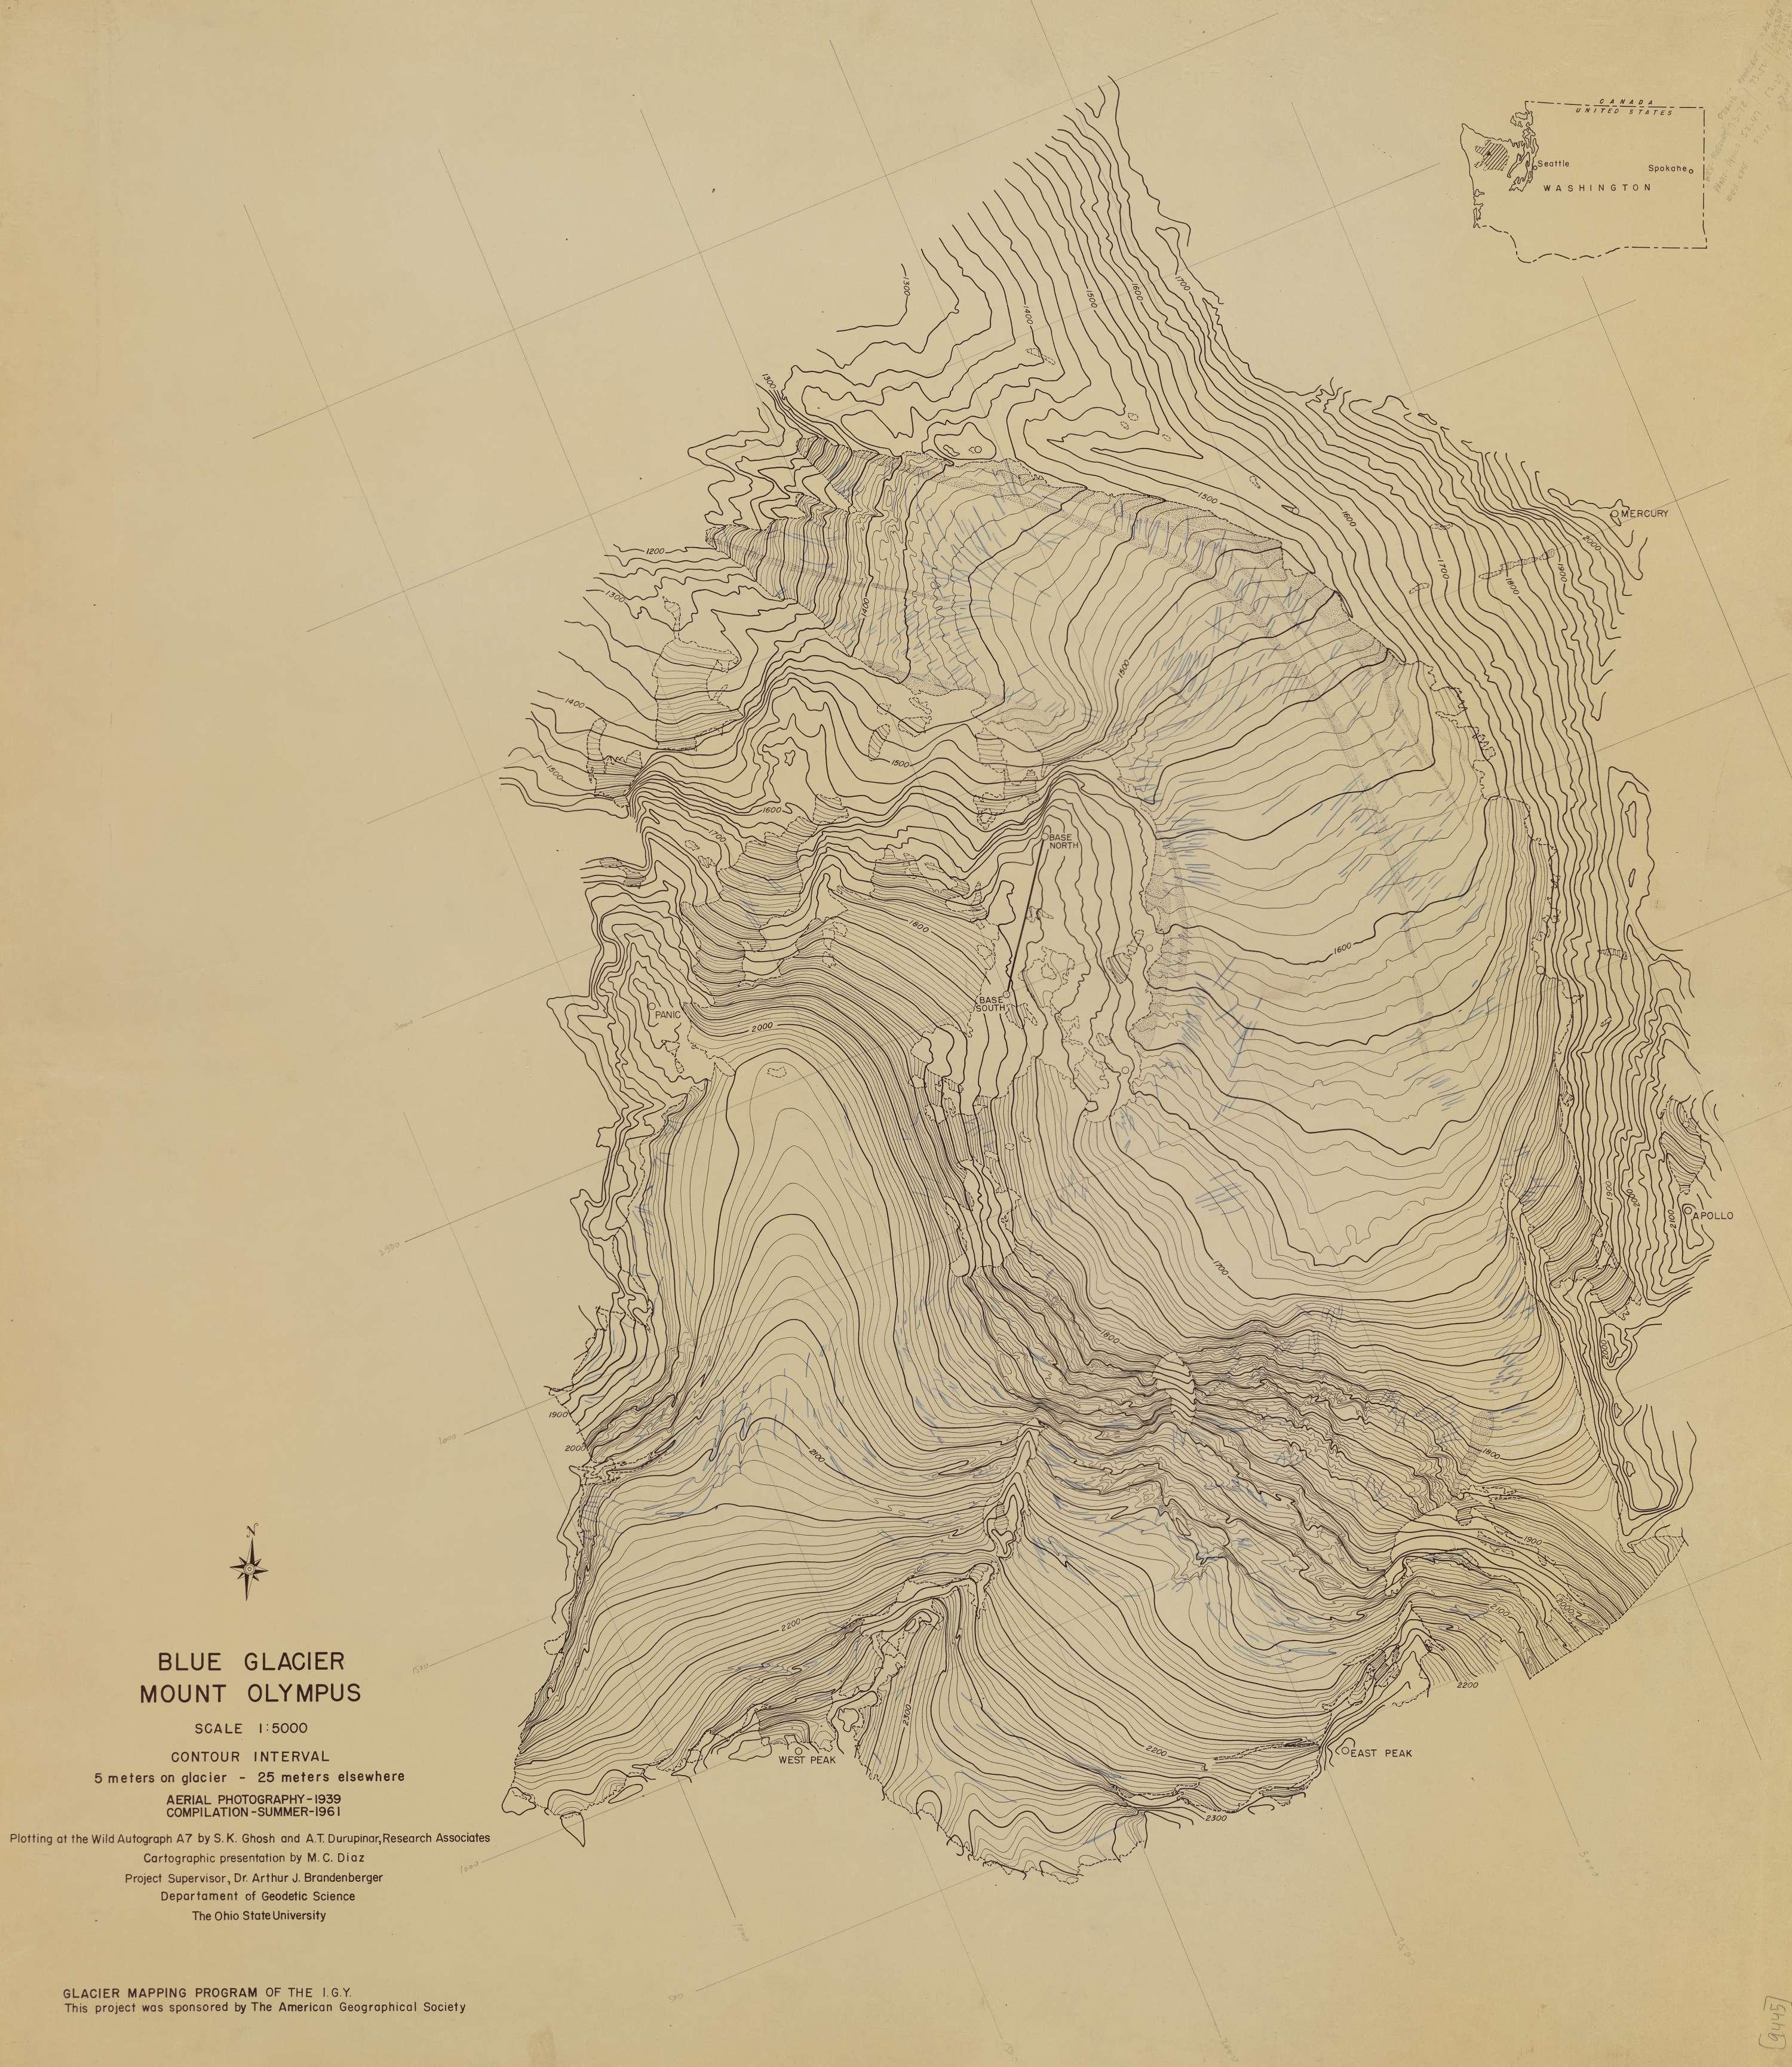 Blue Glacier Mount Olympus